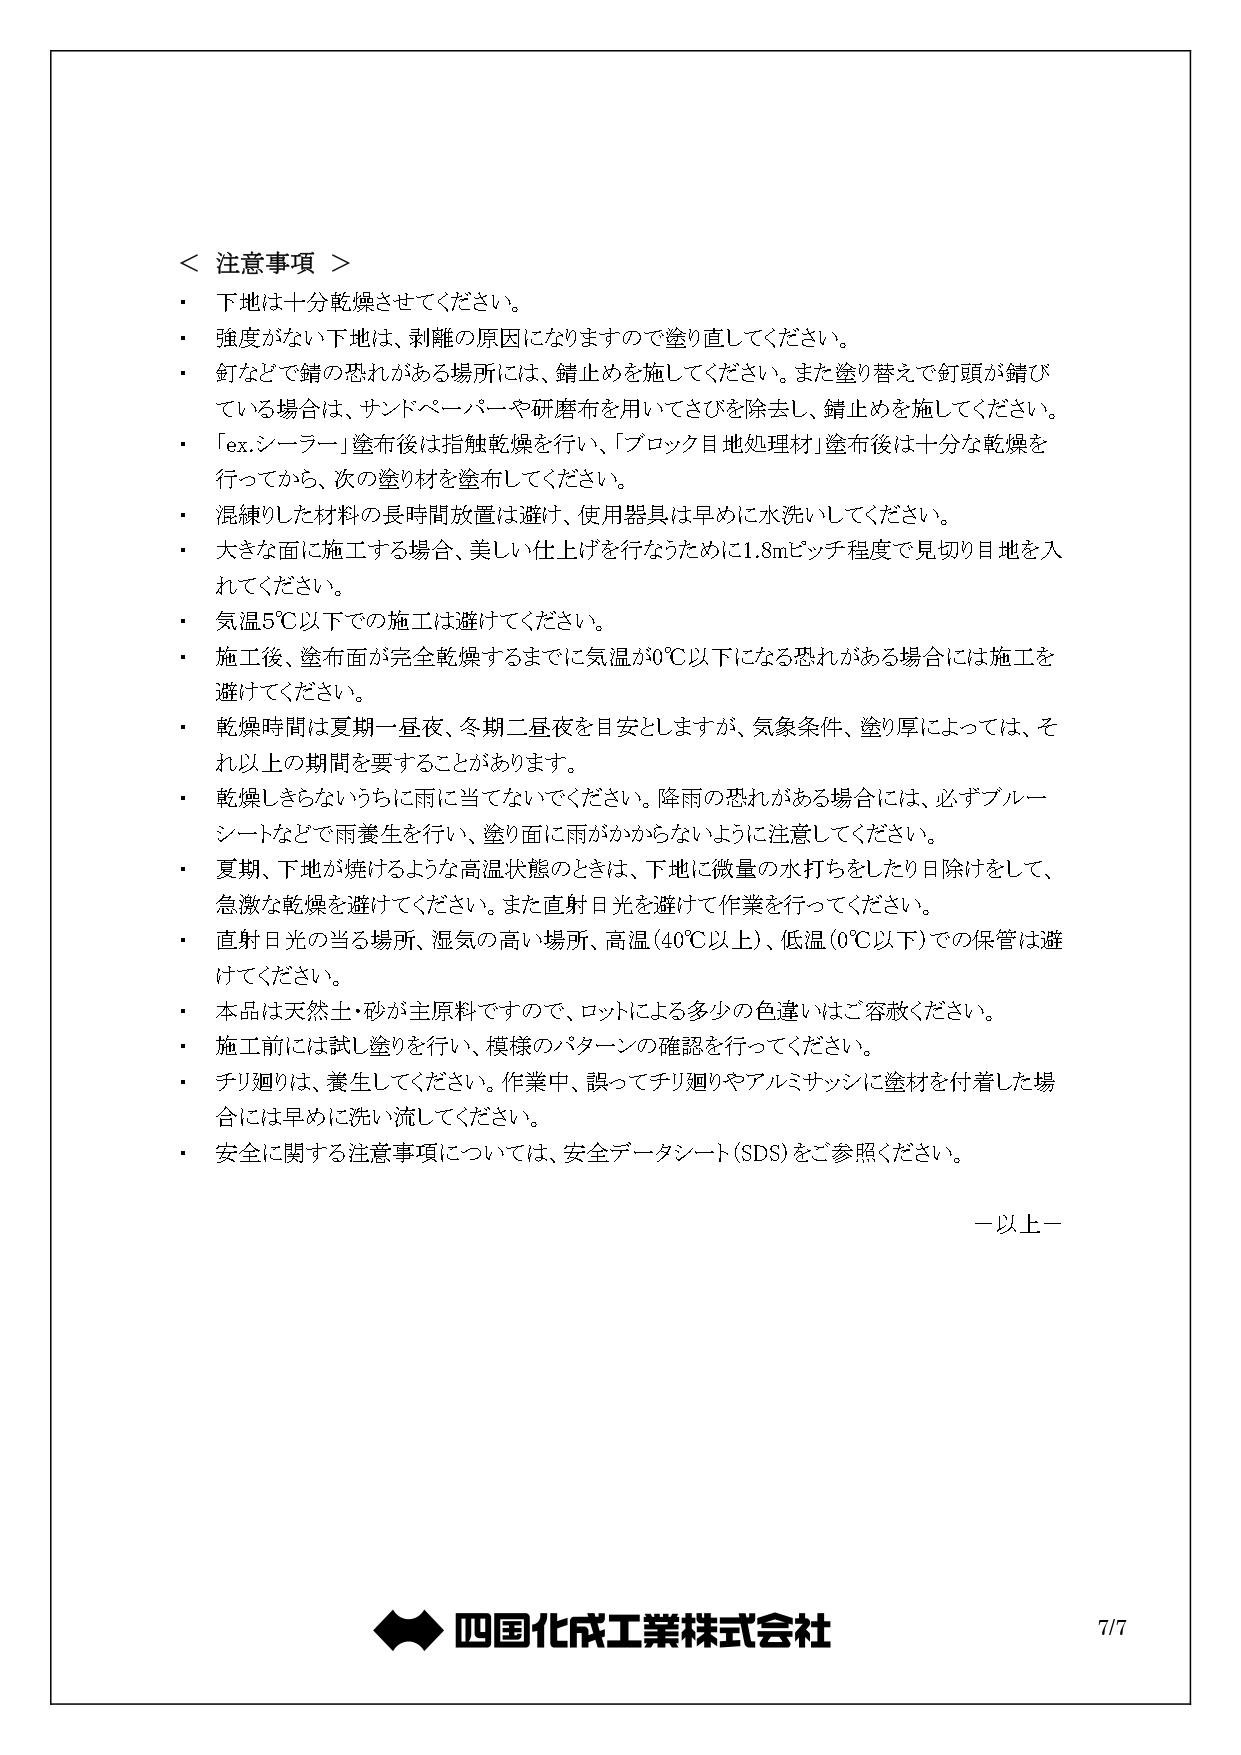 美ブロシルキーHG コテバケ仕上げ 施工説明書_page-0007